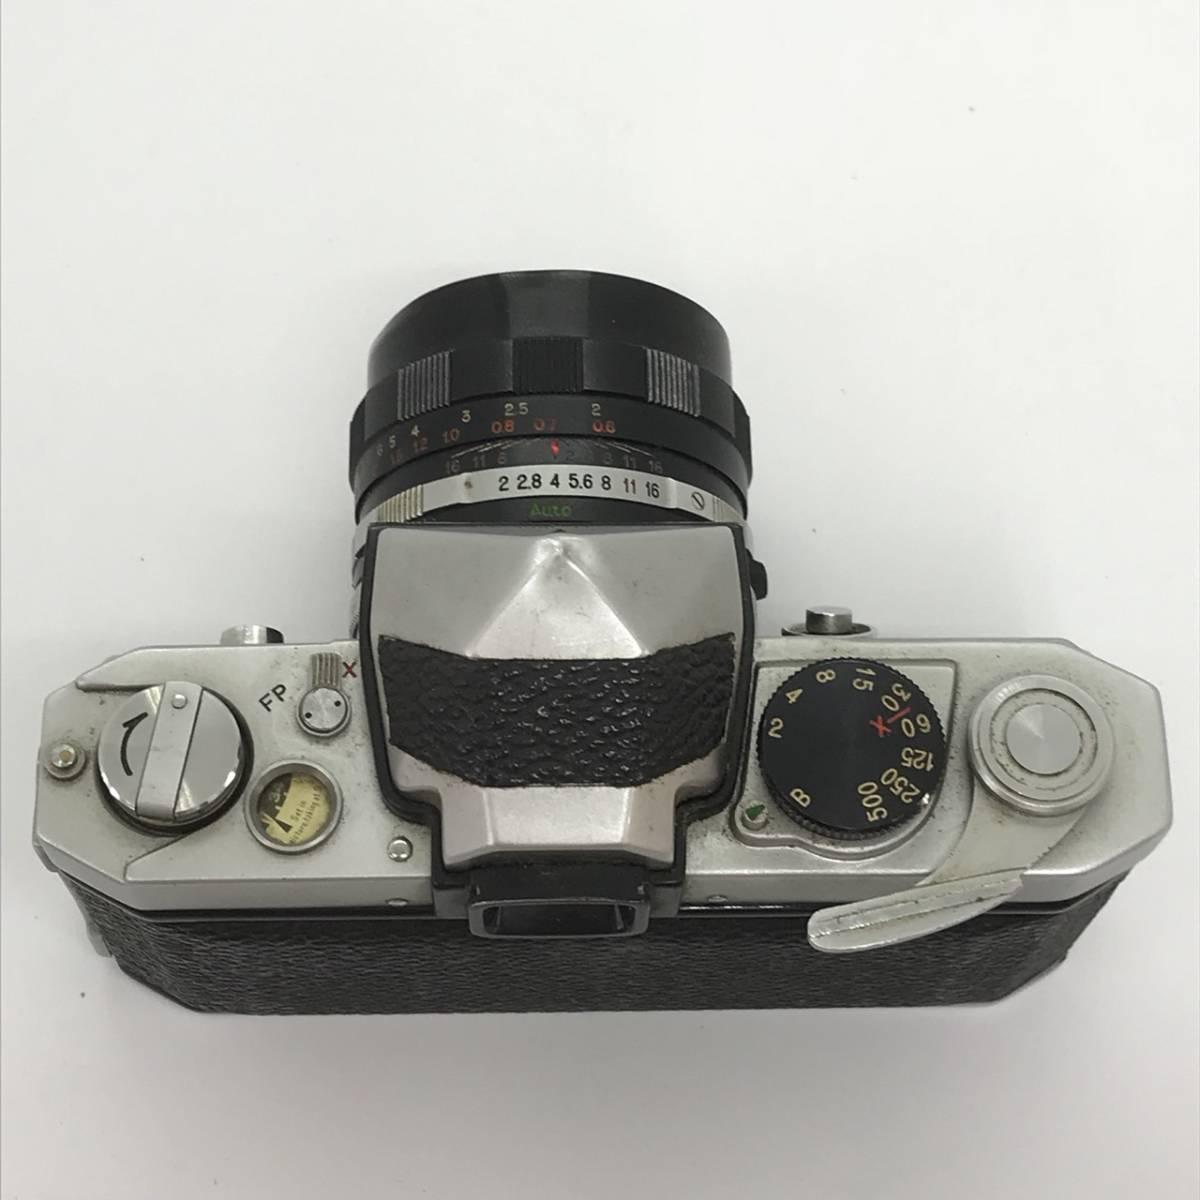 PETRI ペトリ フィルム カメラ Petri 1:2 f=55mm_画像2